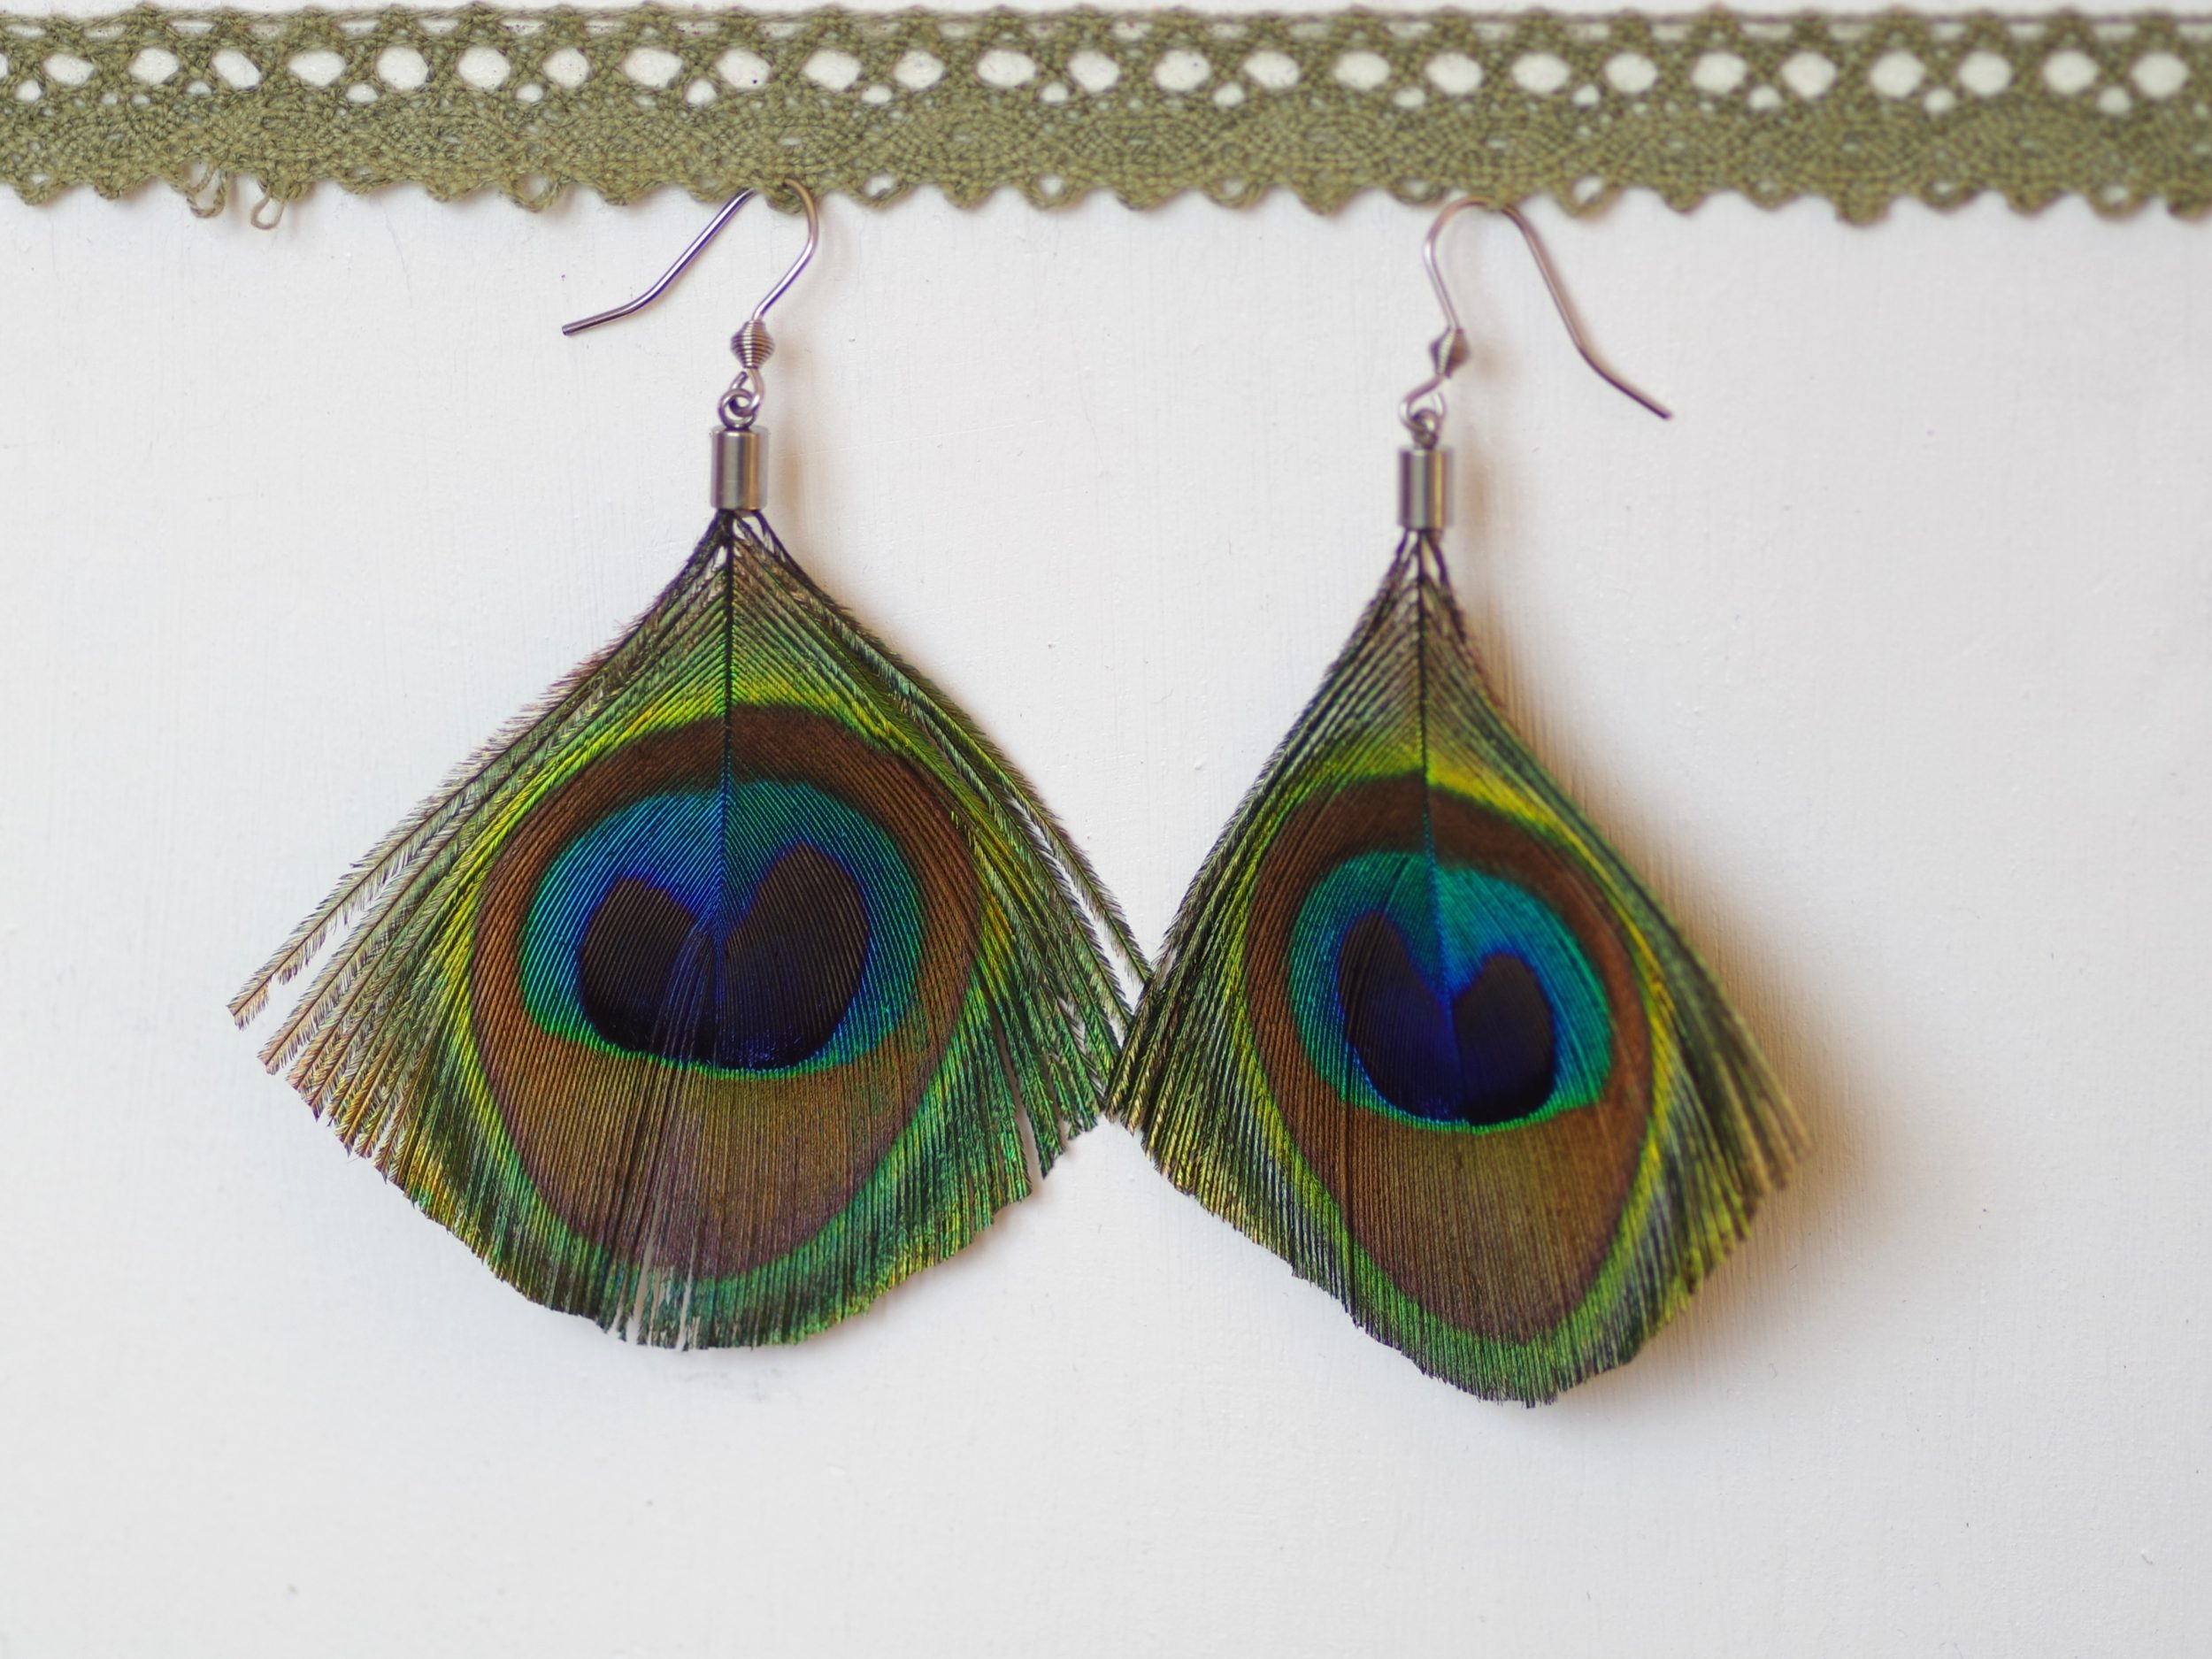 Gandes plumes de paon de couleurs éclatantes aux reflets métalliques. Montage minimaliste sur des crochets en acier chirurgical